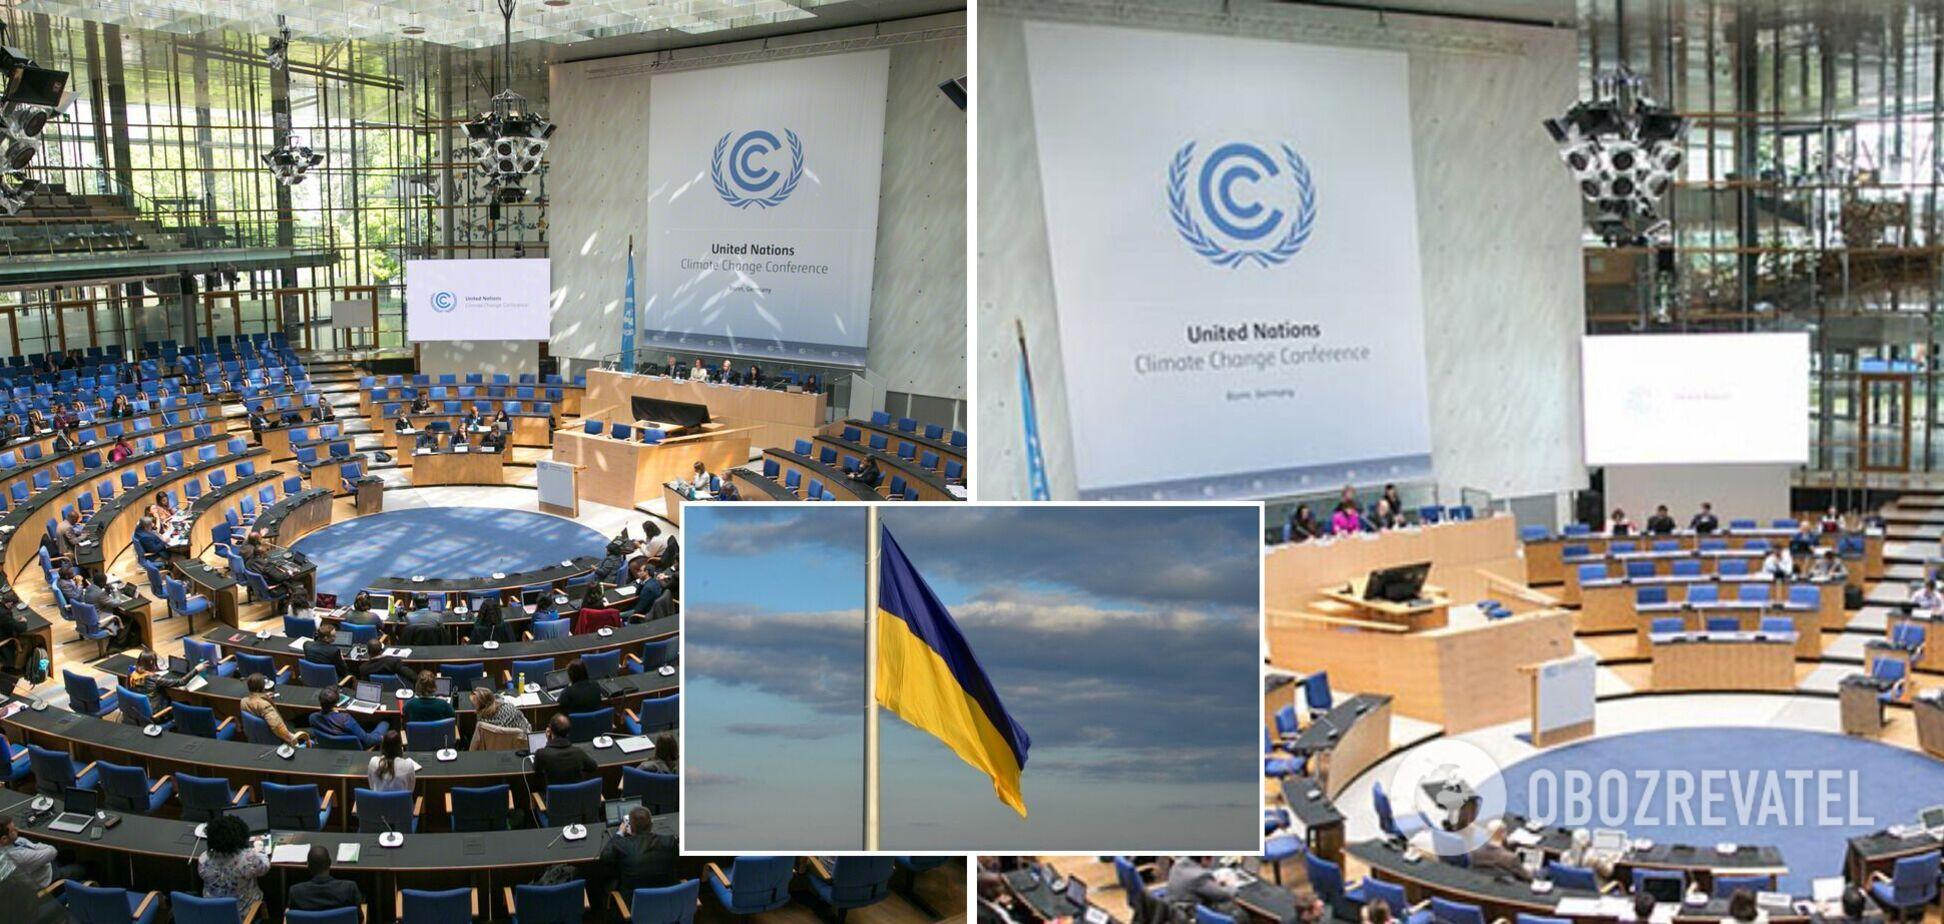 Украина впервые принимает участие в формате синергии бизнеса и власти в климатической конференции СОР26